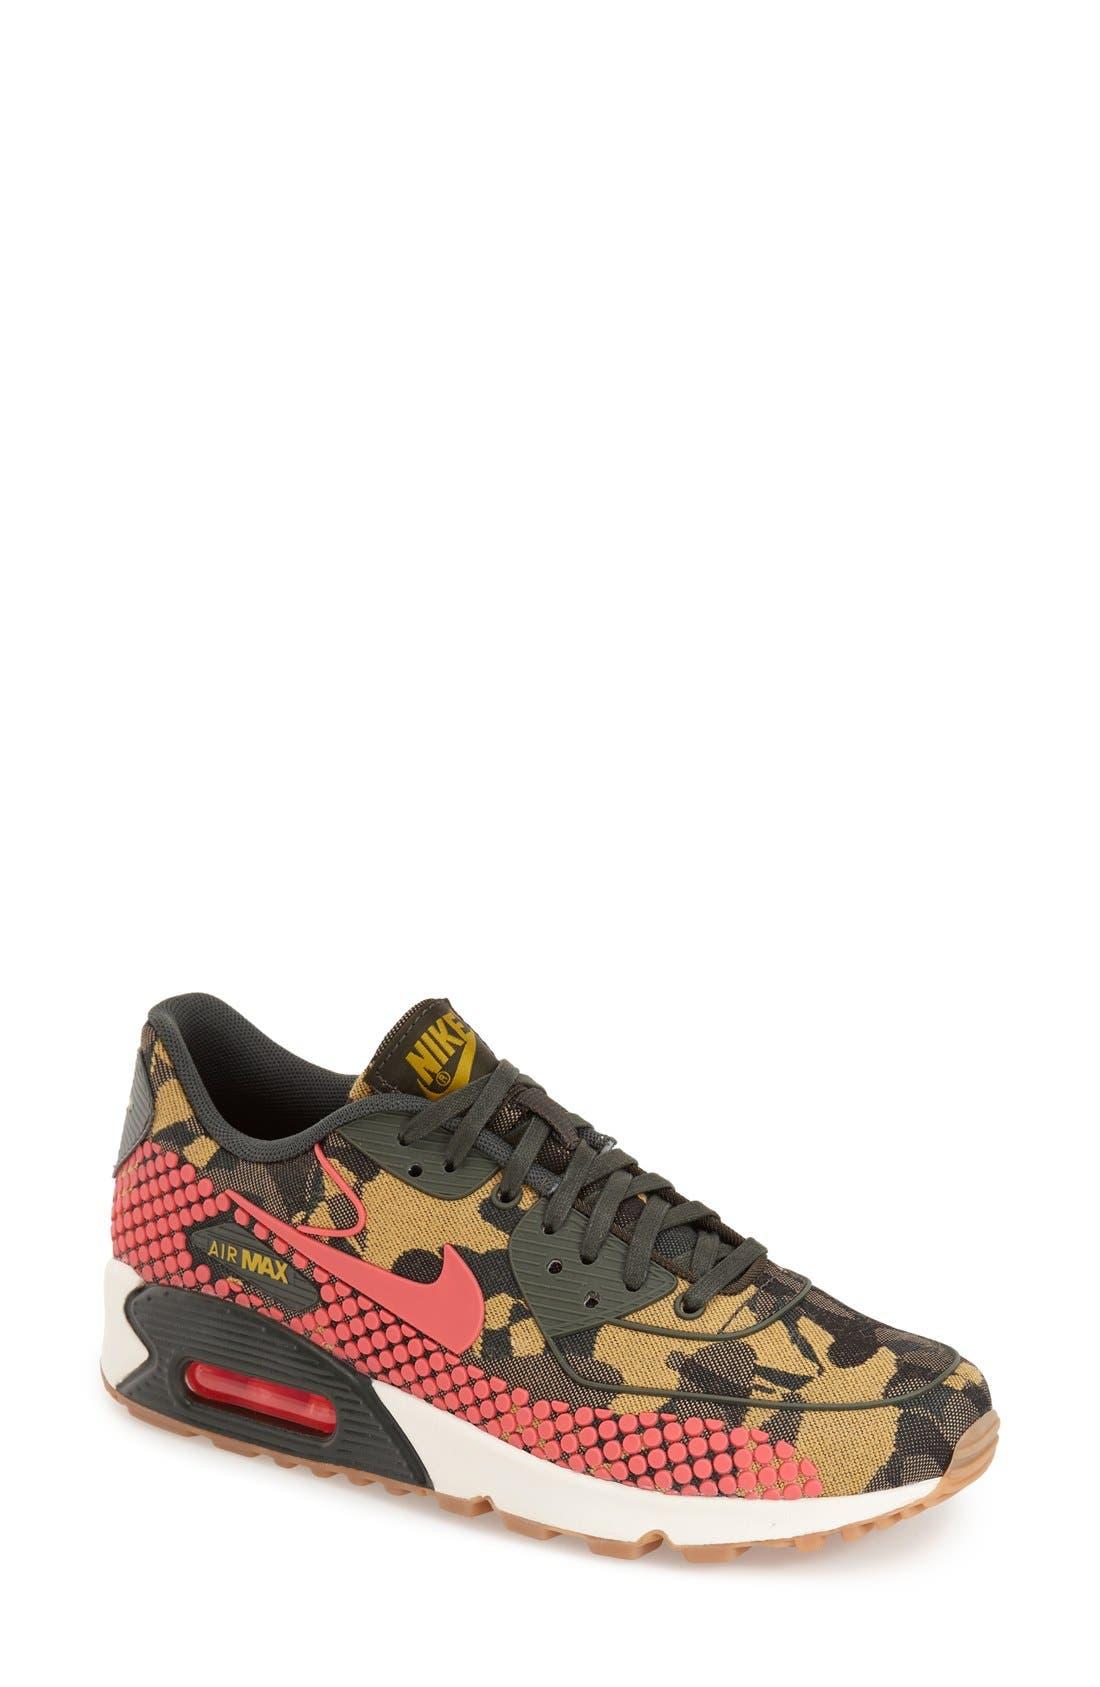 Main Image - Nike 'Air Max 90 Jacquard' Sneaker (Women)